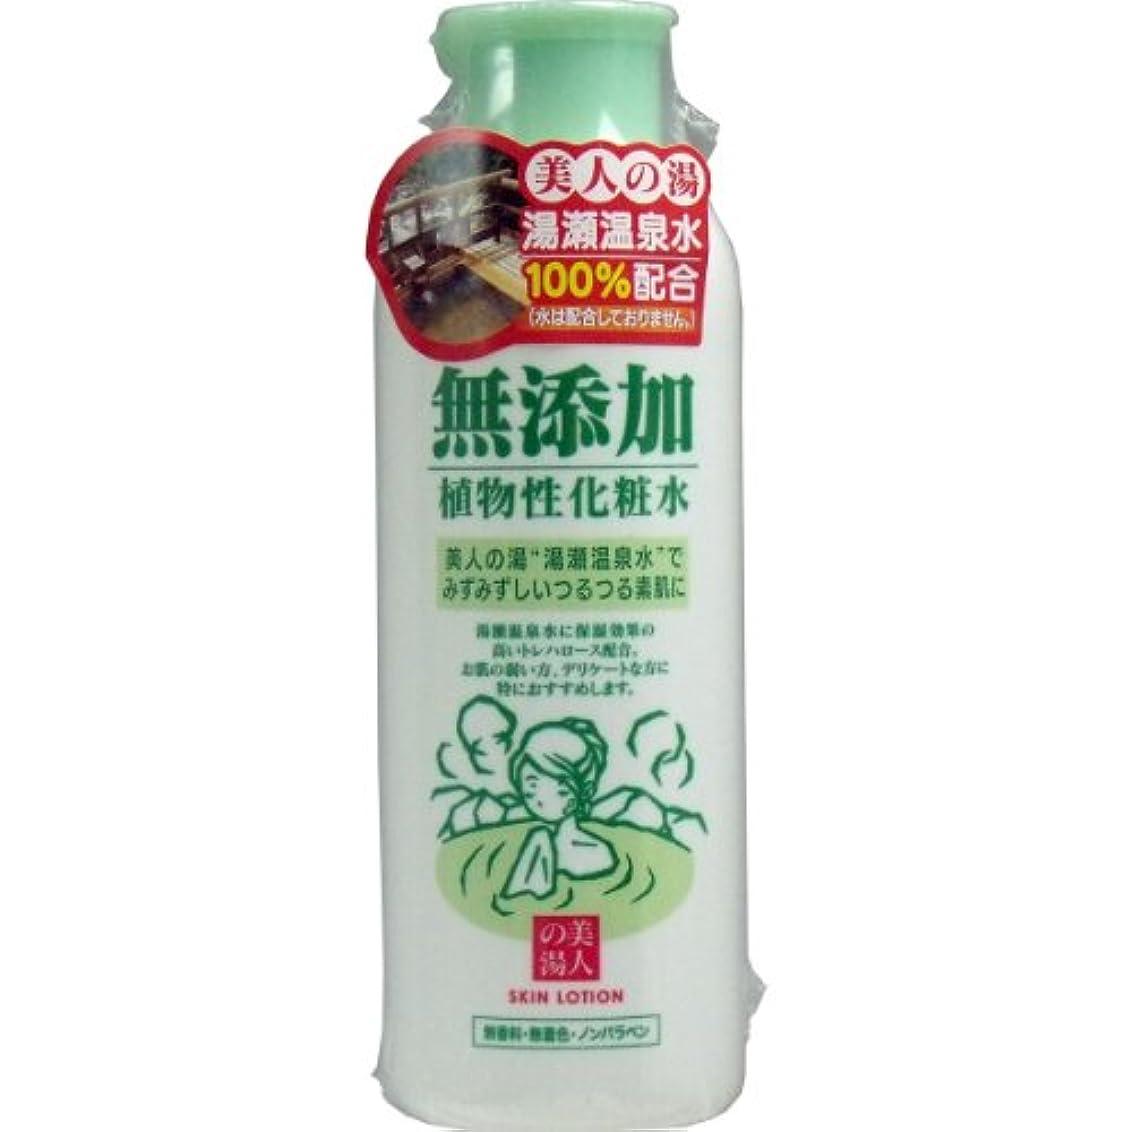 異常ドナウ川広告するユゼ 無添加植物性 化粧水 200ml 【3セット】